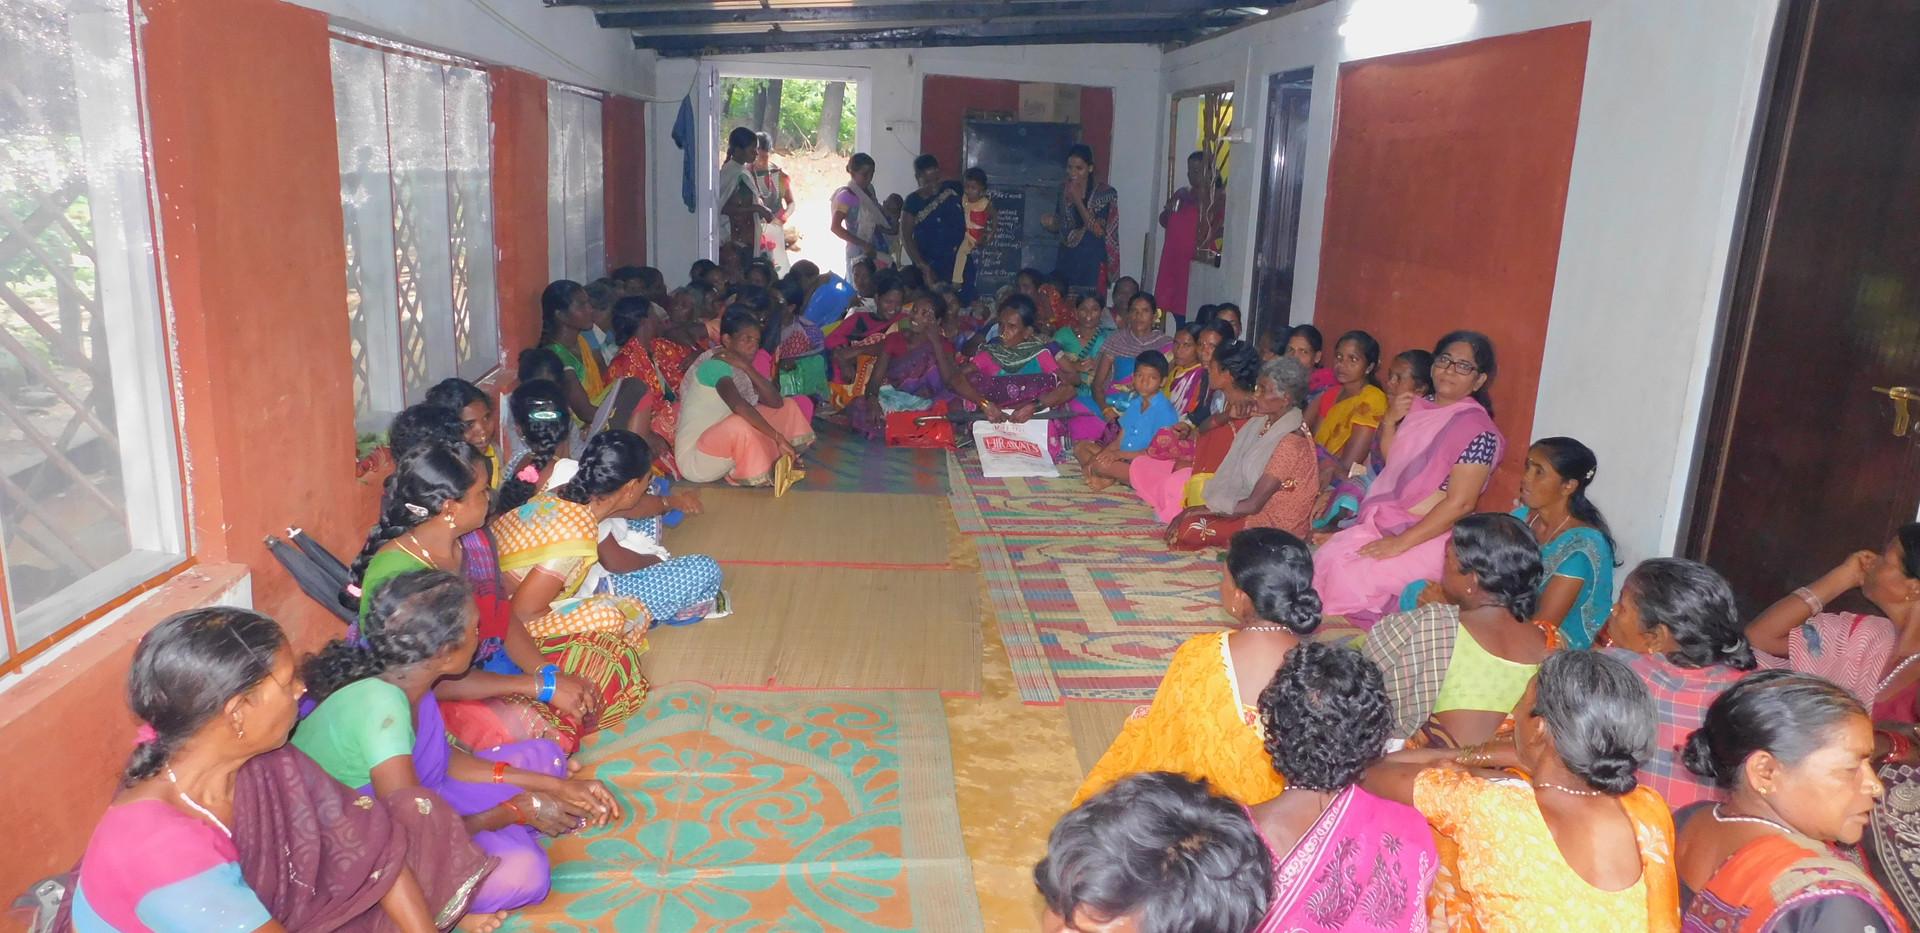 Single women and women farmers